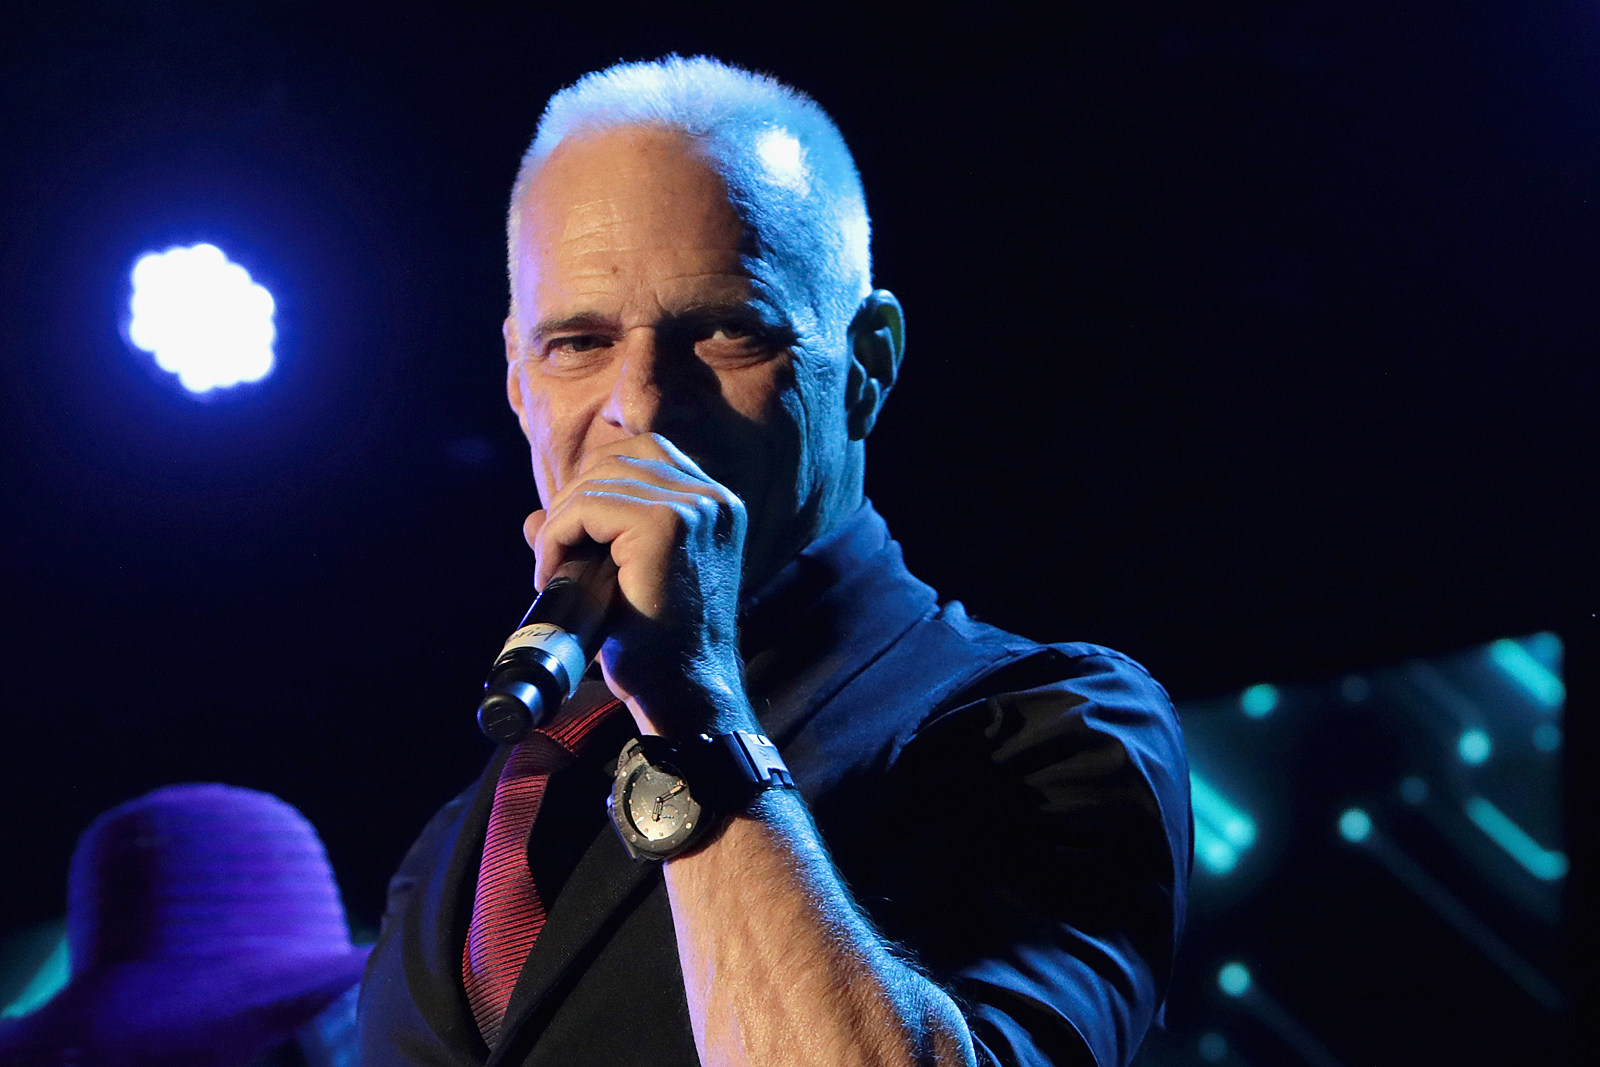 David Lee Roth Hints That Van Halen's Return Is 'Around the Corner'